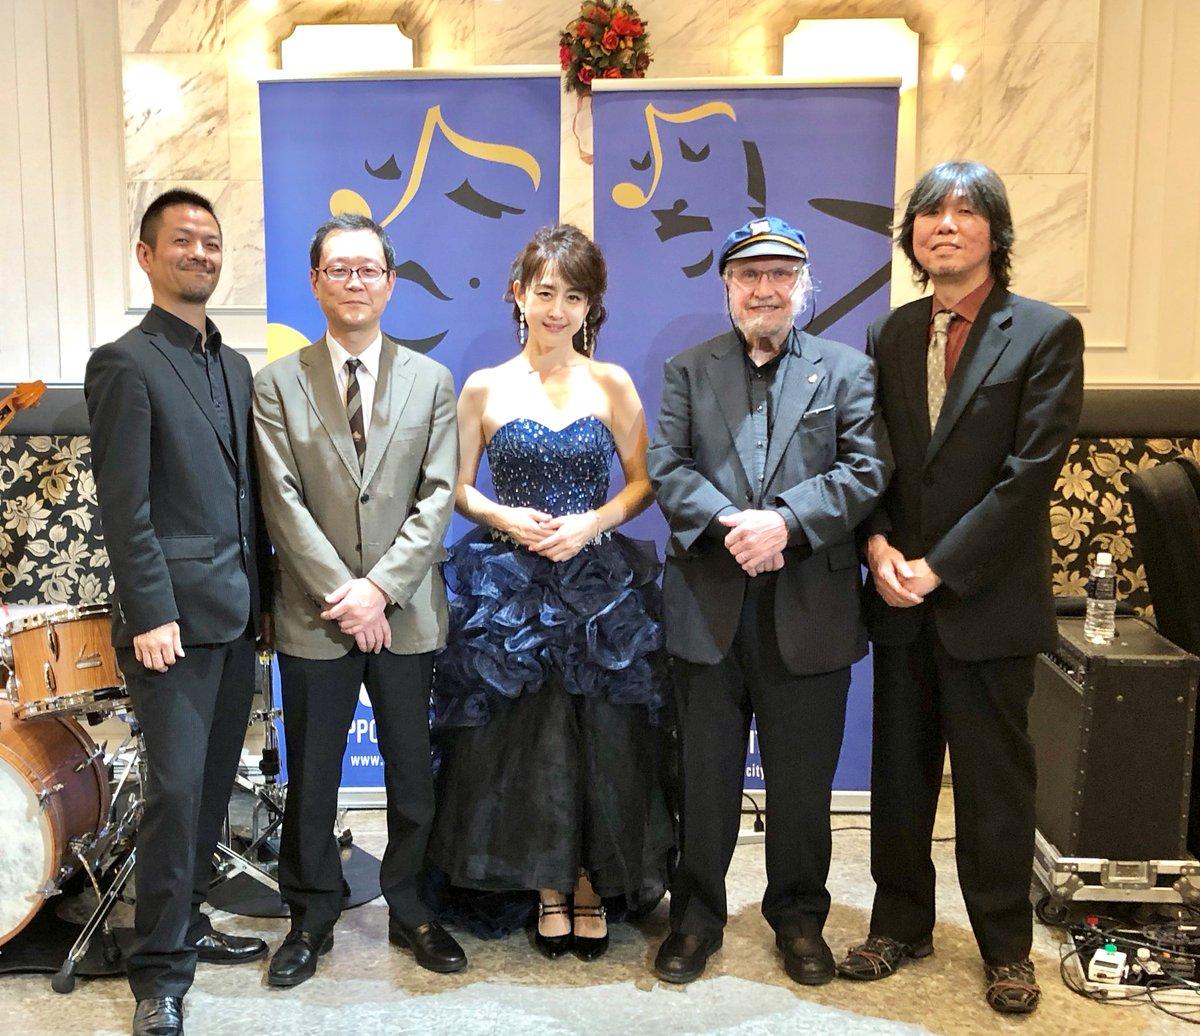 test ツイッターメディア - 【デビッド・マシューズと札幌ジャズアンビシャス】によるディナーショーを開催しました!! 今回は、スペシャルゲストにWinkの相田翔子さんをお招きし、デビッドさんと札幌ジャズアンビシャスとのコラボで、相田さんの数々の名曲も披露しました。 ご参加頂きましたお客様、誠に有難う御座いました。 https://t.co/XlRrcowW99